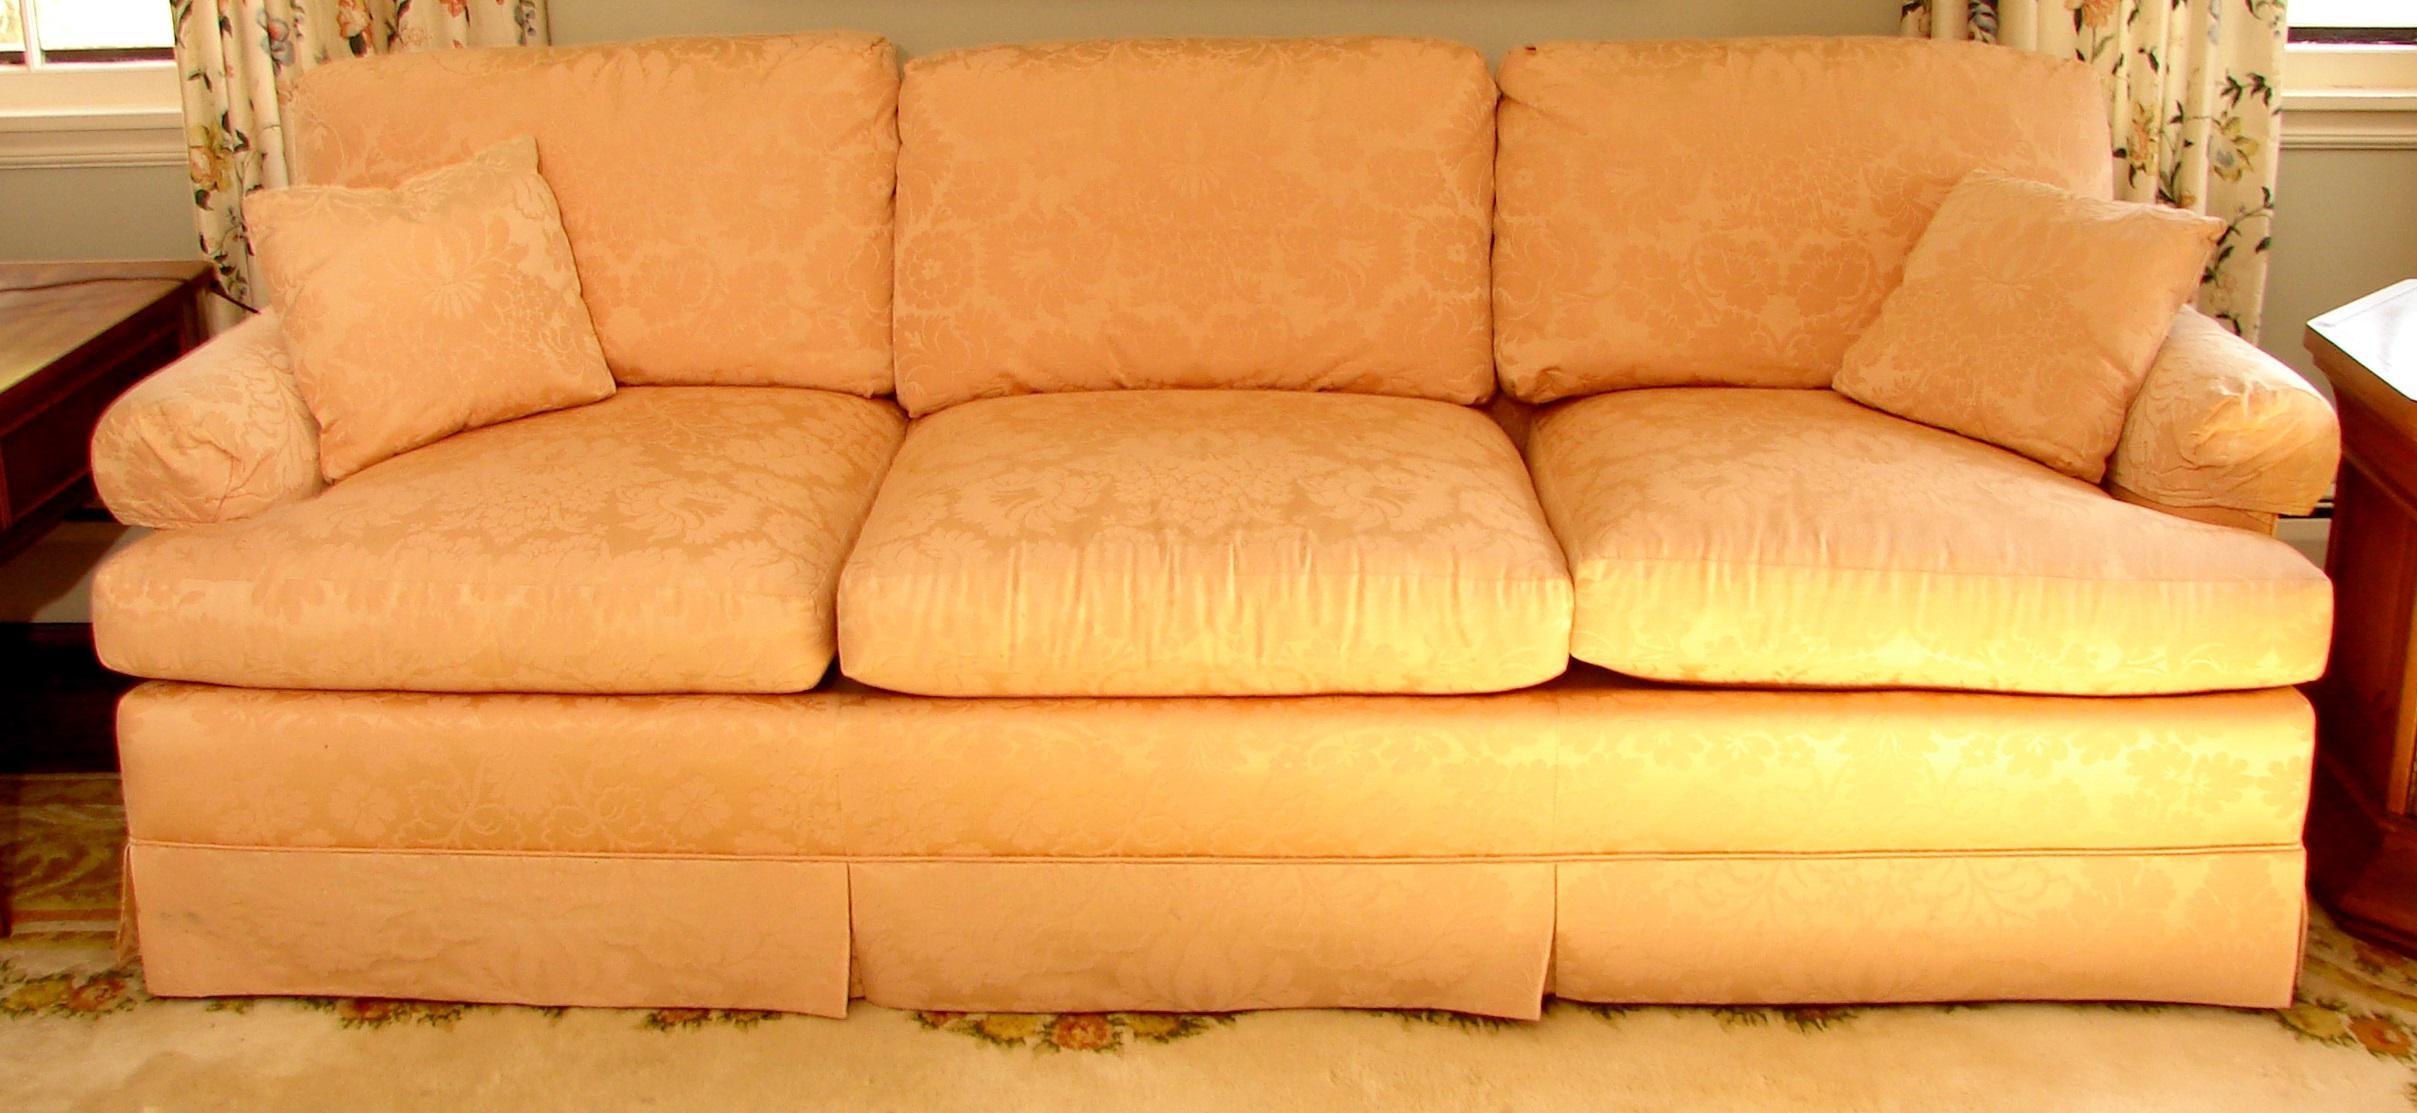 Vintage Baker Furniture Pink Damask 3 Seat Down Filled Sofa   Image 2 Of 6